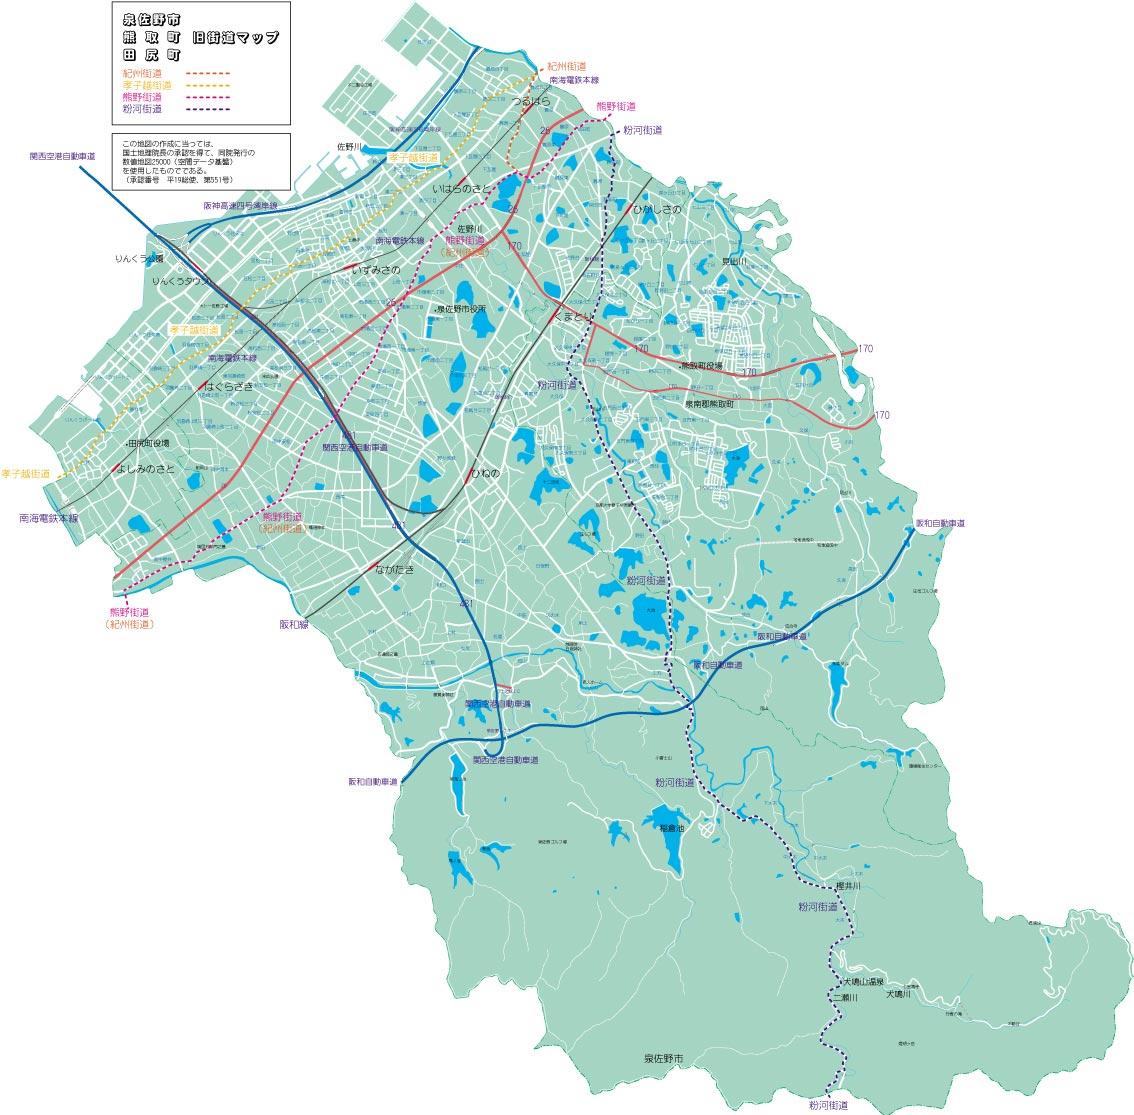 大阪を歩こう:泉佐野市、熊取町、田尻町・旧街道マップ